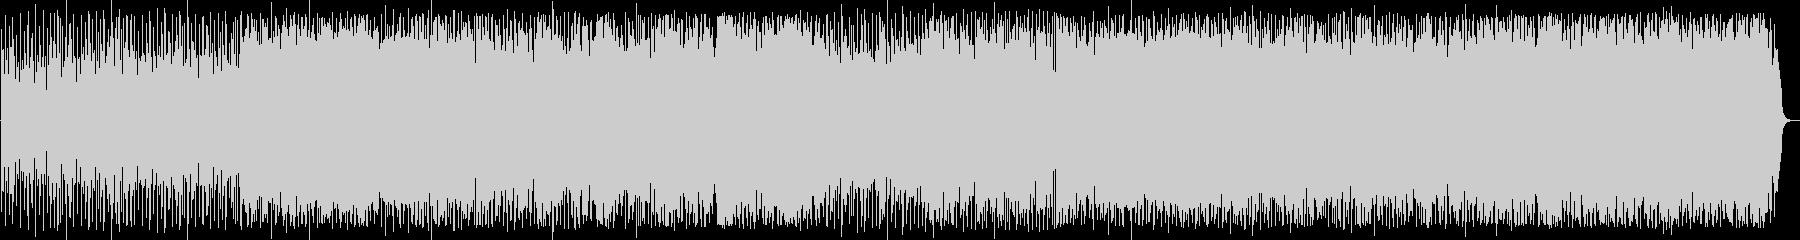 サンバのように軽快なポップハウス曲の未再生の波形